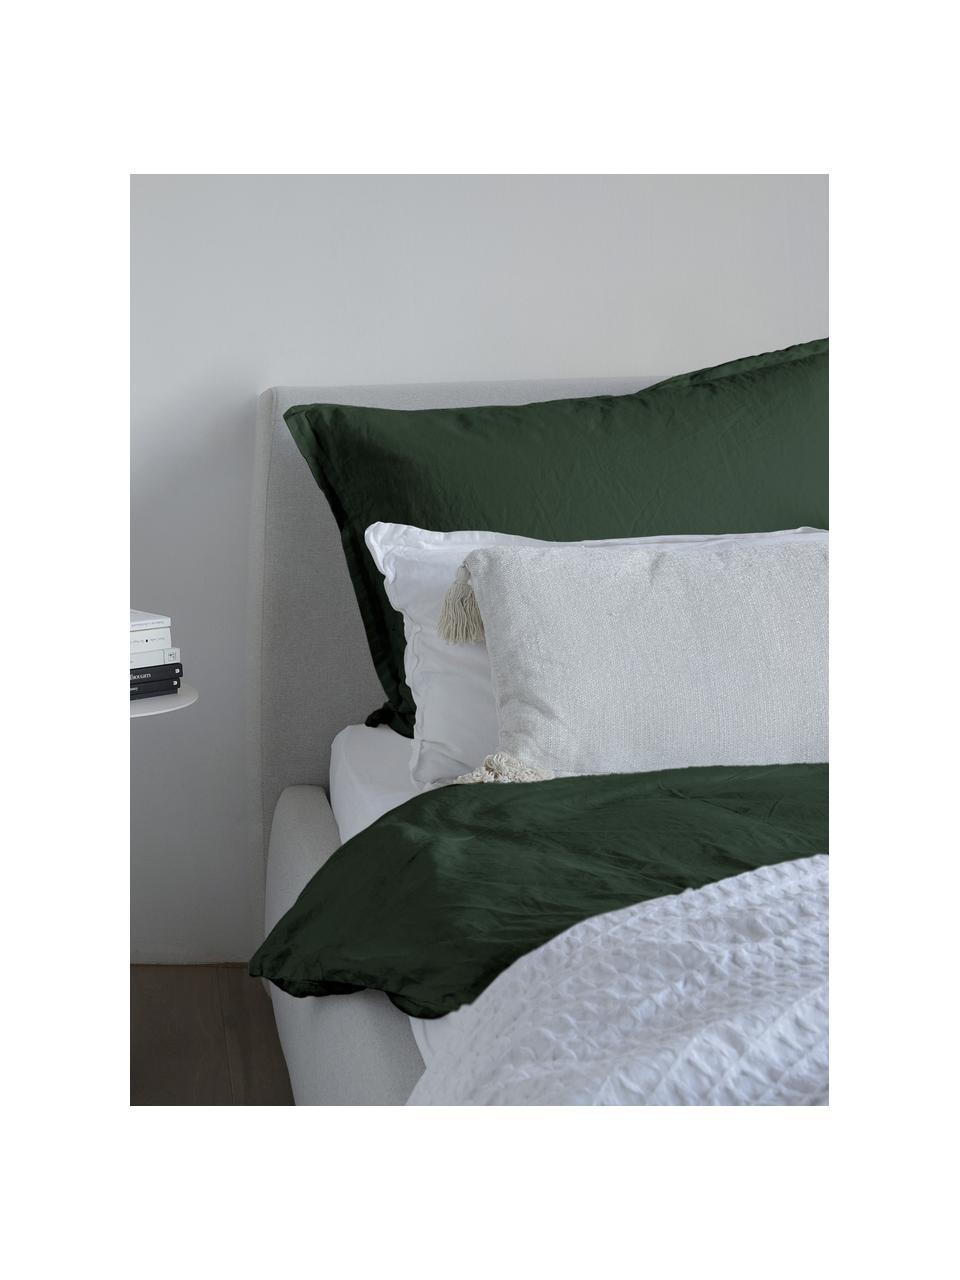 Gewaschene Leinen-Bettwäsche Nature in Dunkelgrün, Halbleinen (52% Leinen, 48% Baumwolle)  Fadendichte 108 TC, Standard Qualität  Halbleinen hat von Natur aus einen kernigen Griff und einen natürlichen Knitterlook, der durch den Stonewash-Effekt verstärkt wird. Es absorbiert bis zu 35% Luftfeuchtigkeit, trocknet sehr schnell und wirkt in Sommernächten angenehm kühlend. Die hohe Reißfestigkeit macht Halbleinen scheuerfest und strapazierfähig., Dunkelgrün, 200 x 200 cm + 2 Kissen 80 x 80 cm